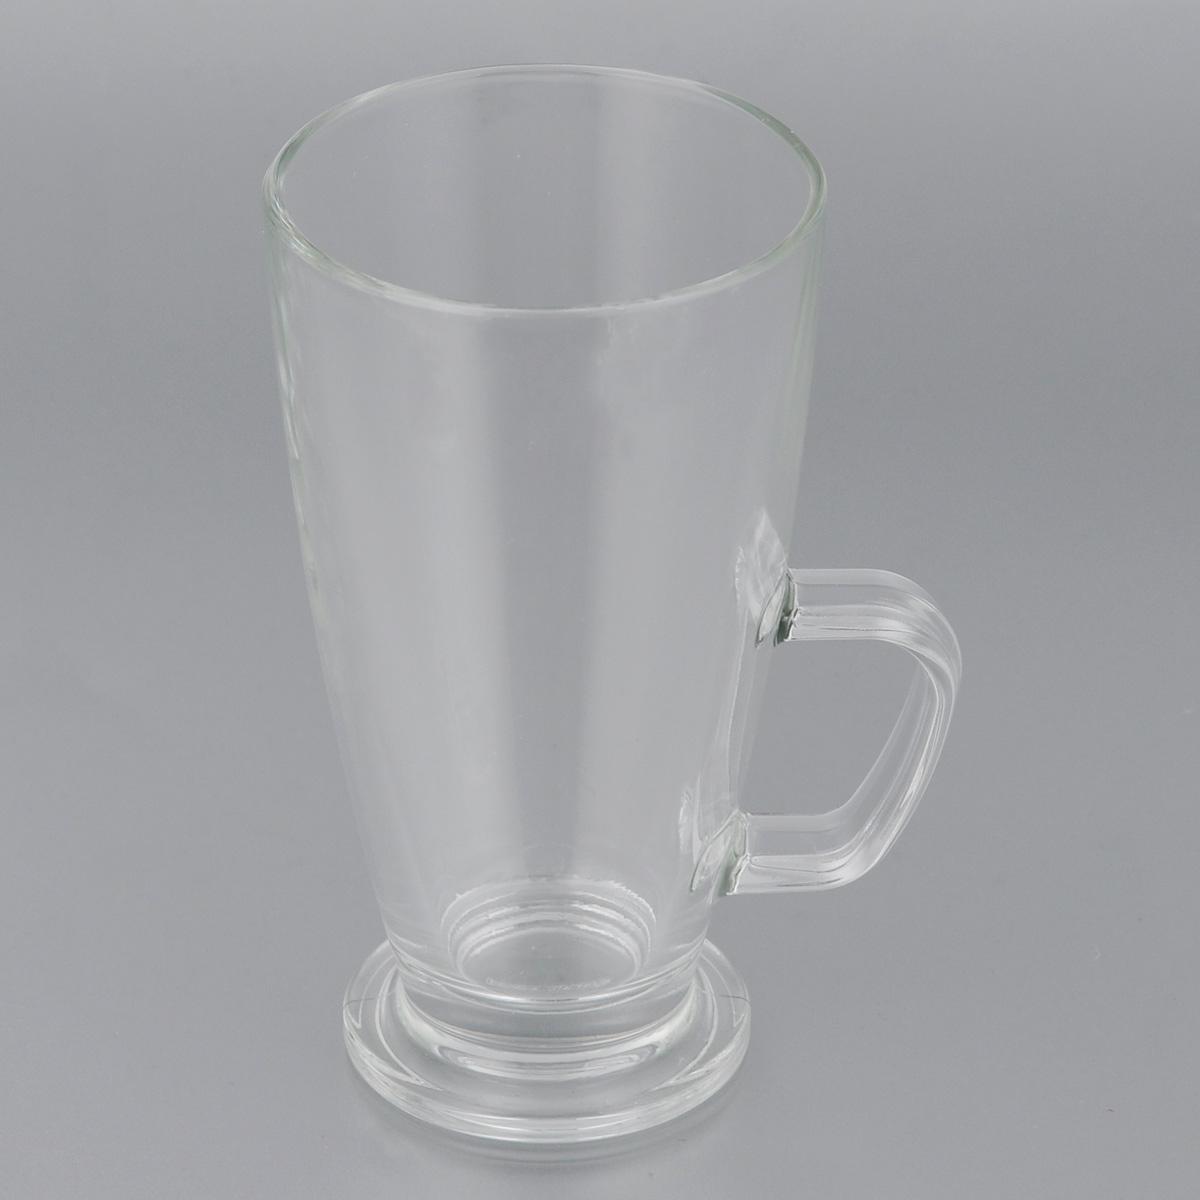 """Кружка Tescoma """"Crema"""", изготовленная из прочного стекла, прекрасно дополнит  интерьер вашей кухни. Изящный дизайн кружки придется по вкусу и ценителям  классики, и тем, кто предпочитает утонченность и изысканность.  Кружка Tescoma """"Crema"""" станет хорошим подарком к любому празднику.  Диаметр (по верхнему краю): 7,5 см. Высота: 14 см."""